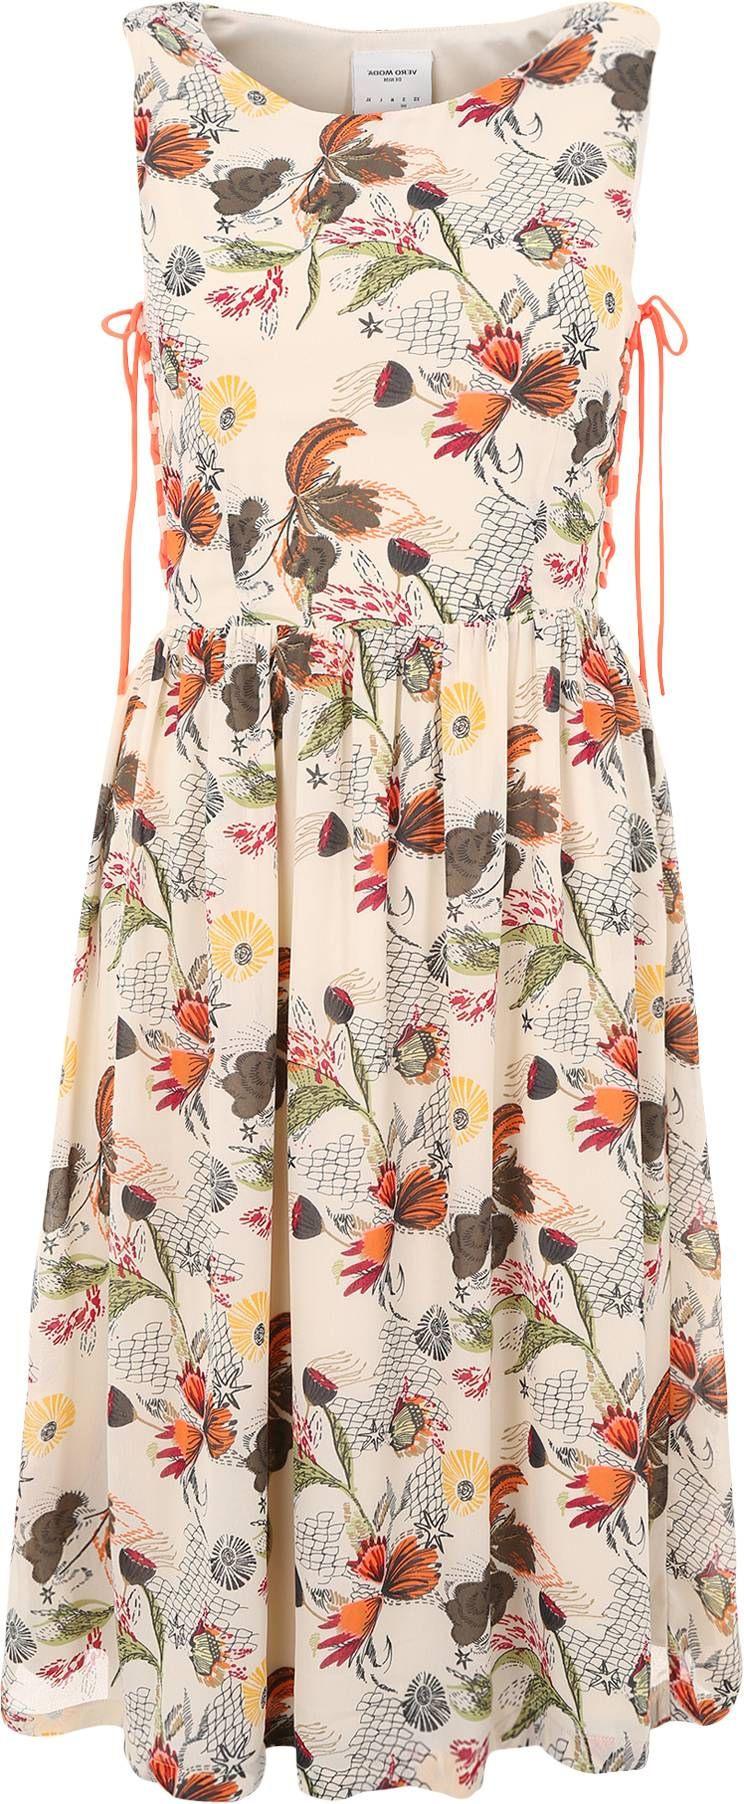 Sommerkleid 'Vmsea' Von Vero Moda Schnelle Und Kostenlose